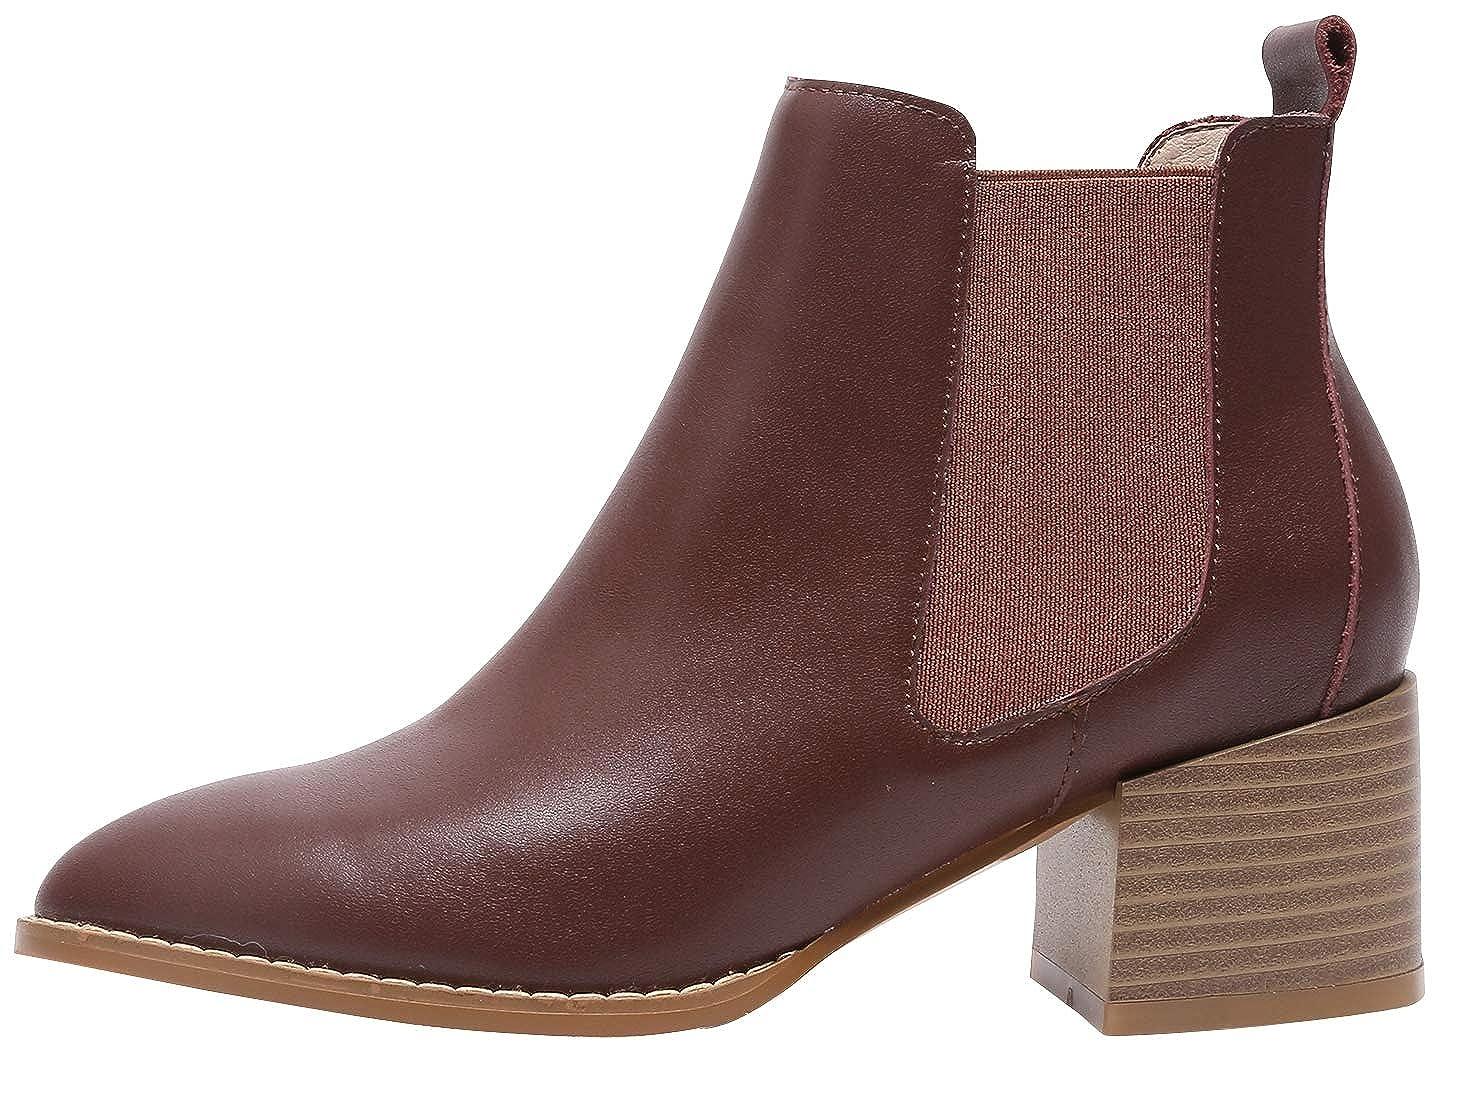 SimpleC Mujeres Chelsea Boots Casual Cremallera Punta Cuadrada, Botines de Tobillo con 5.5cm de Altura del talón: Amazon.es: Zapatos y complementos